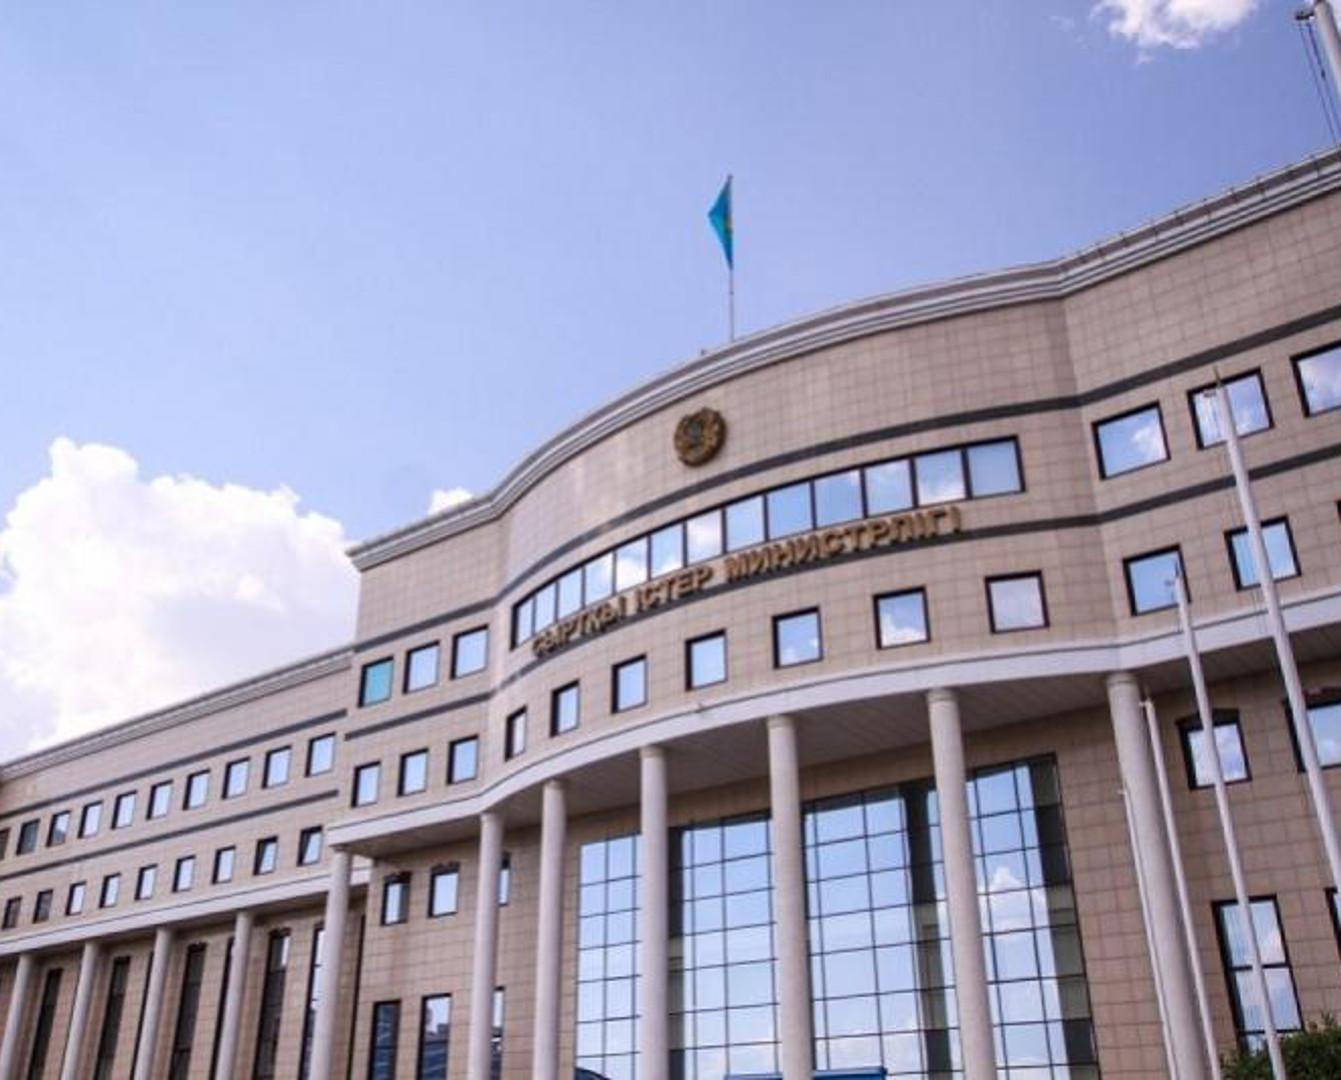 Среди пострадавших в землетрясении на Эгейском море казахстанцев нет - МИД